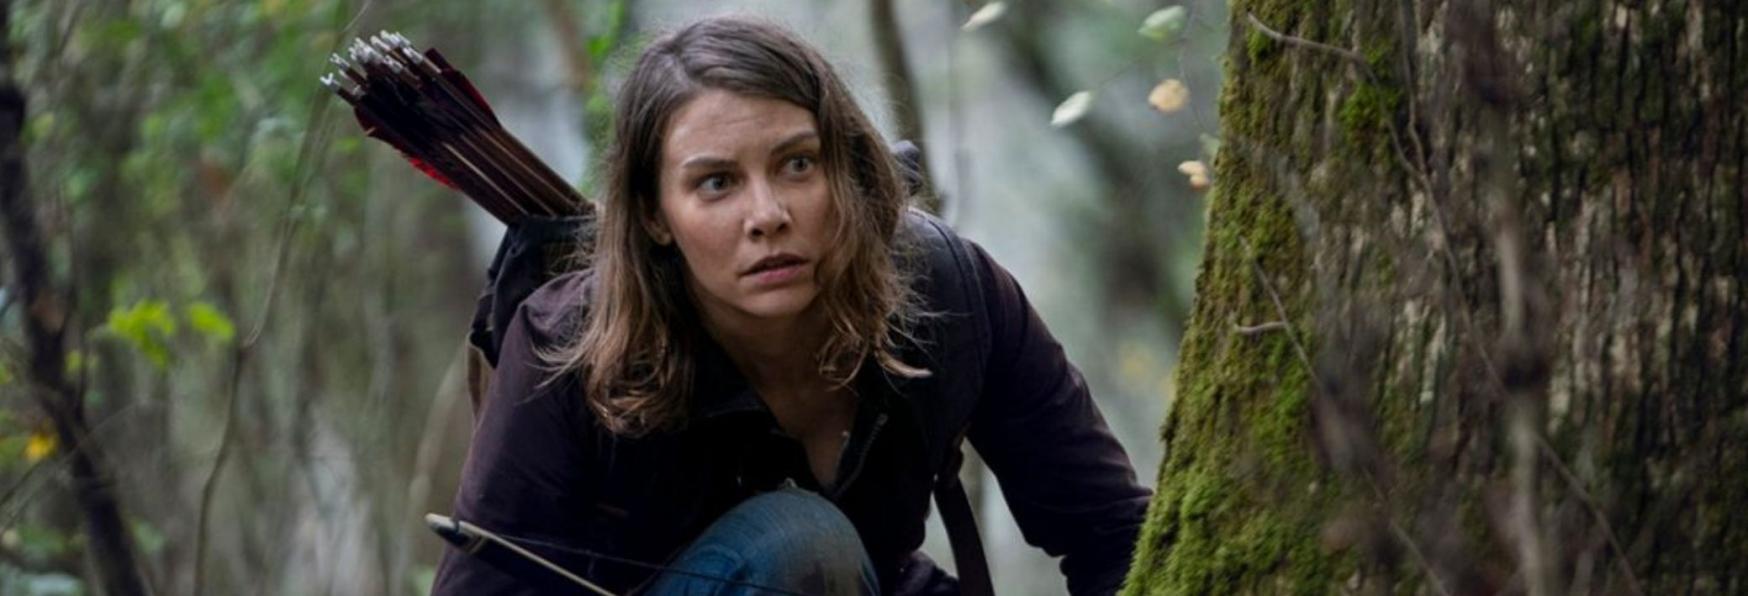 The Walking Dead 10 - i prossimi Episodi Bonus saranno molto Emozionanti